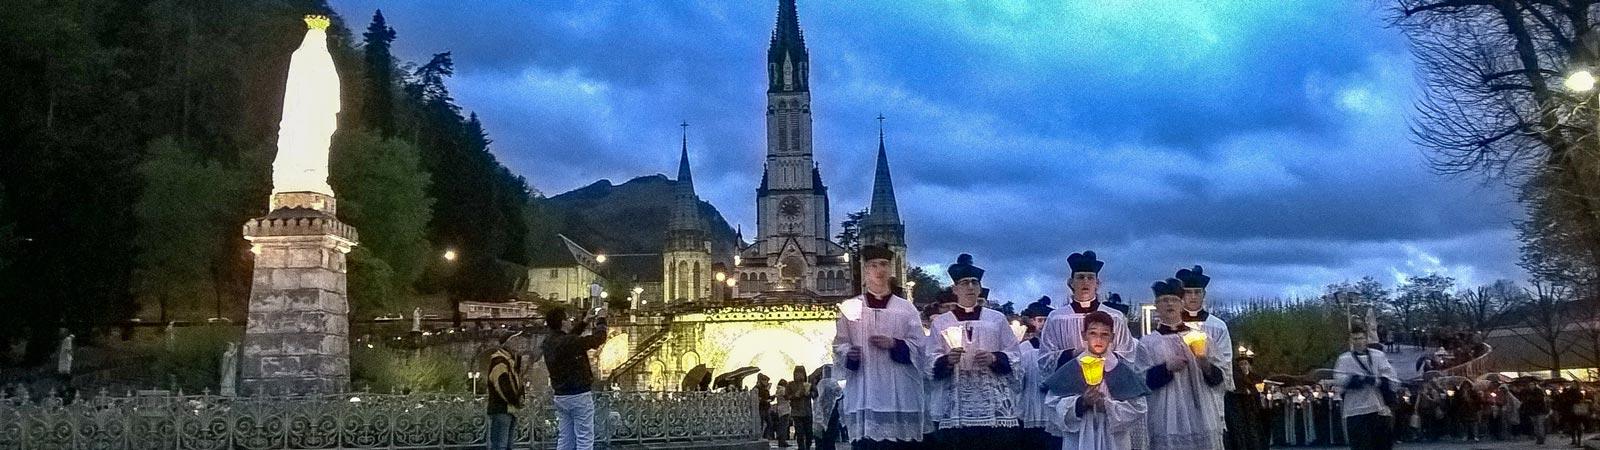 Pellegrinaggio-a-Lourdes1